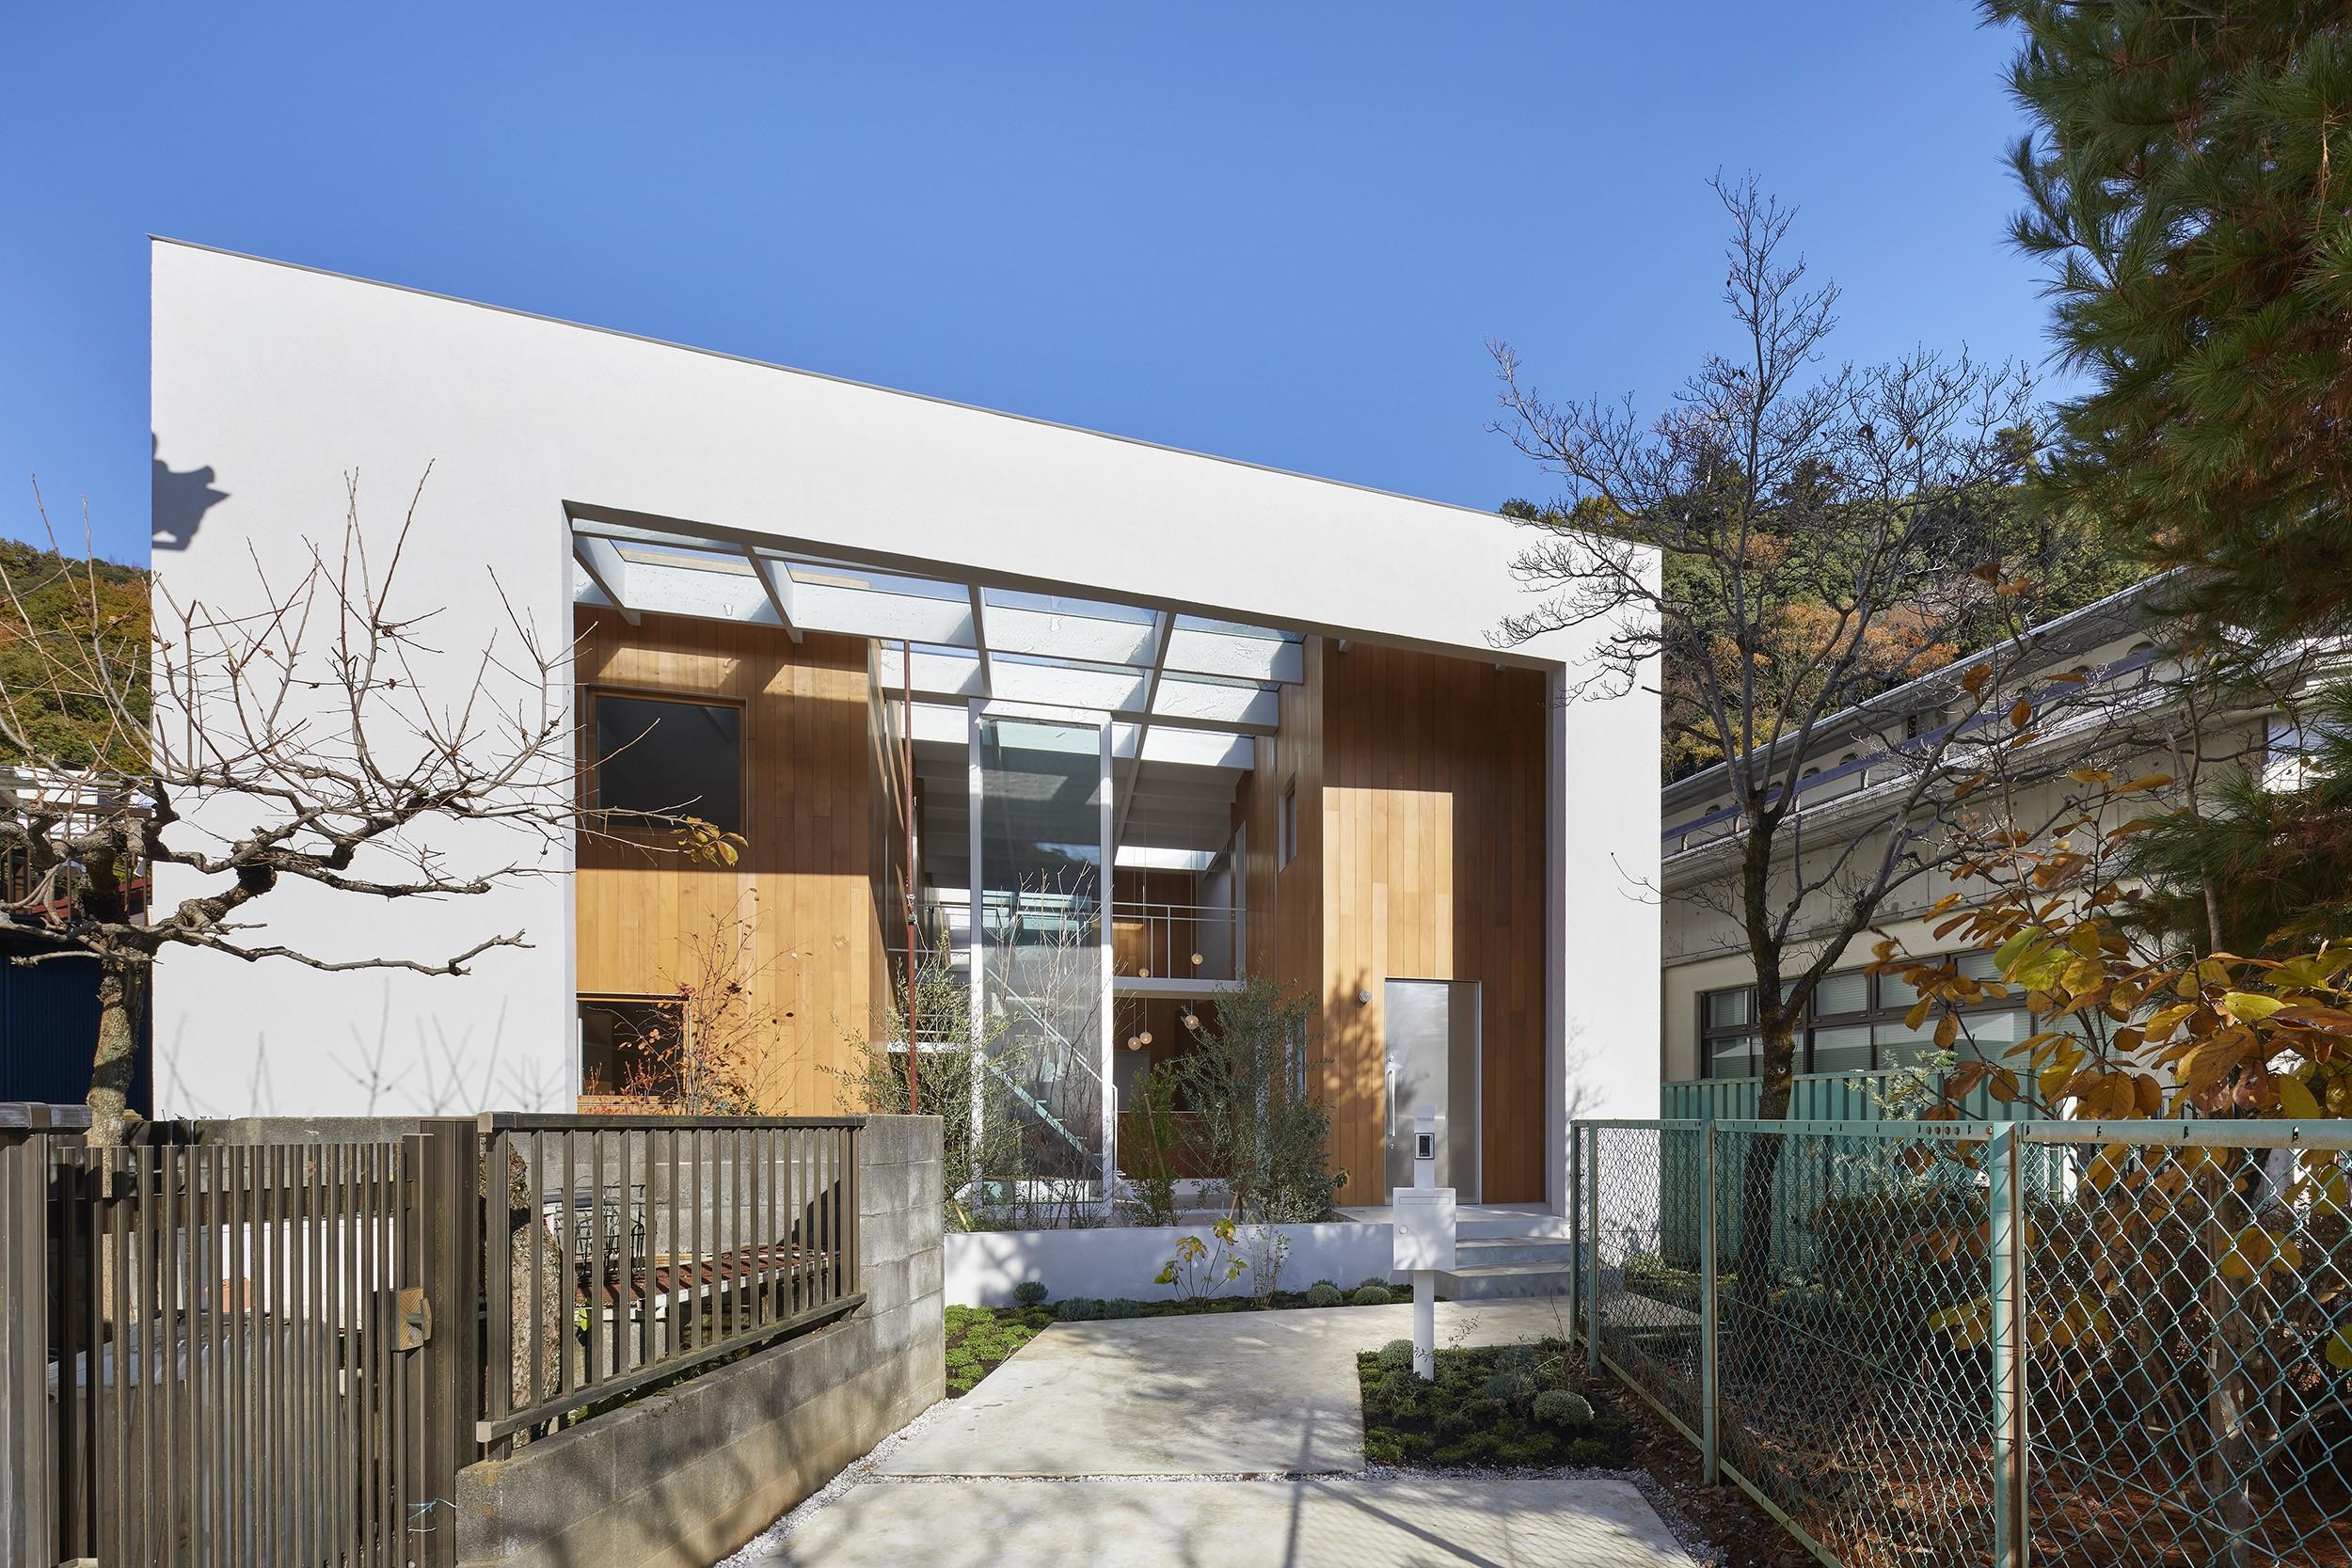 外観事例:外観(高尾の家  / 2つのテラスと大きなガラスドアで緩やかに自然を取り込む家)